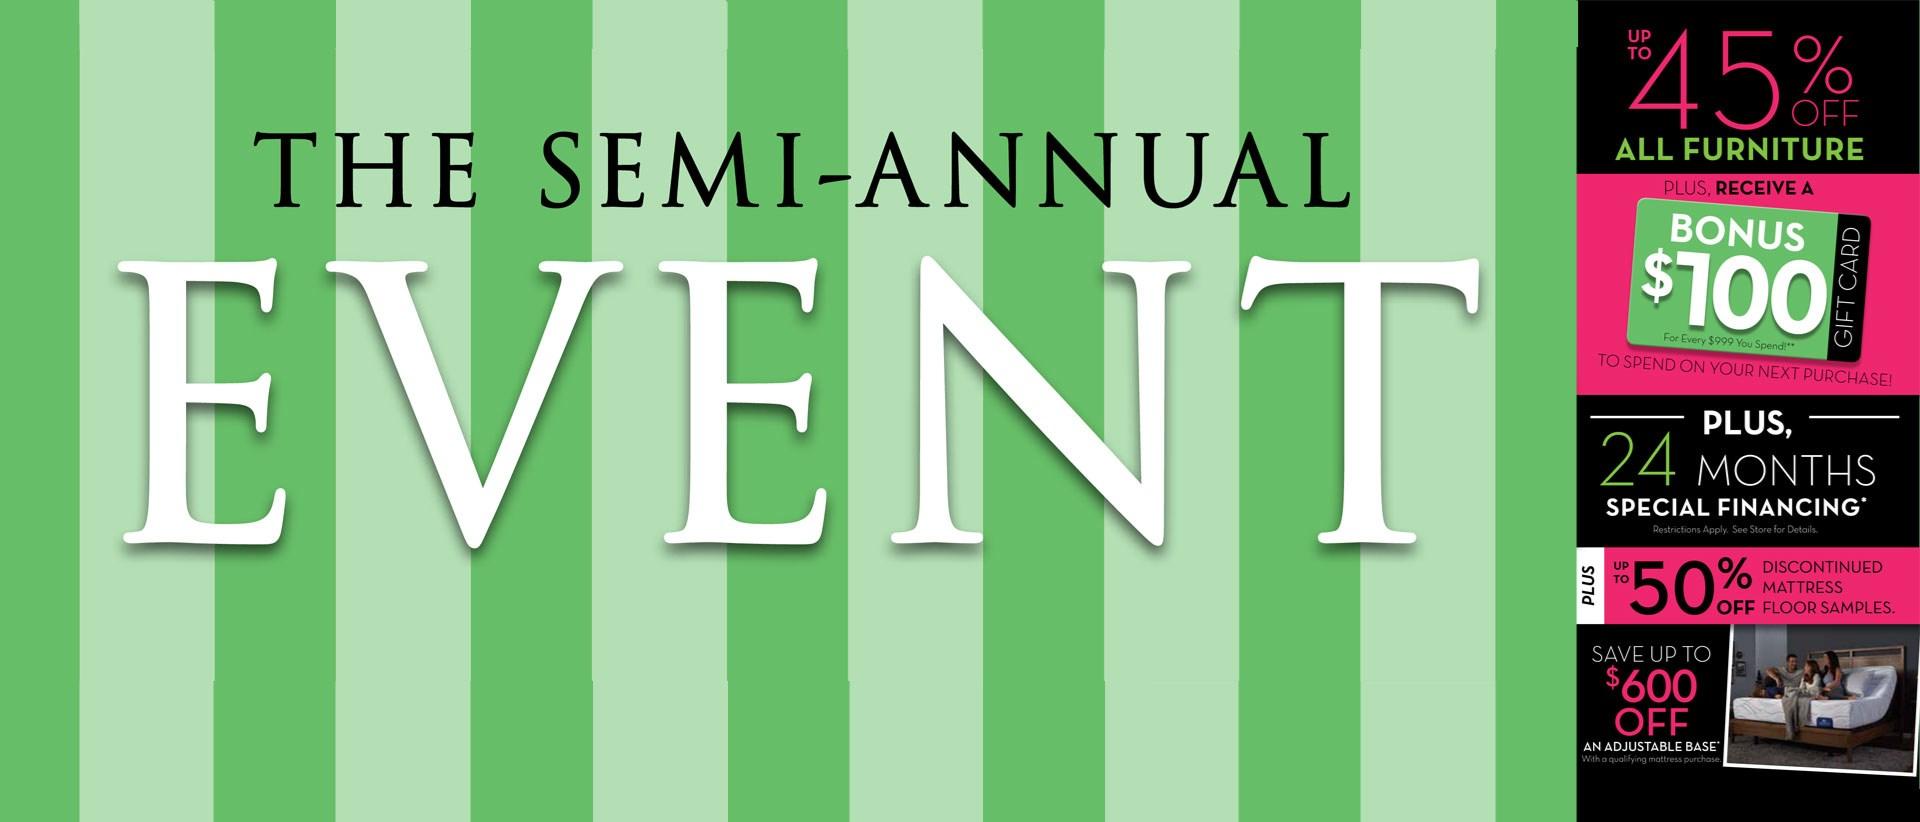 The Semi-Annual Event